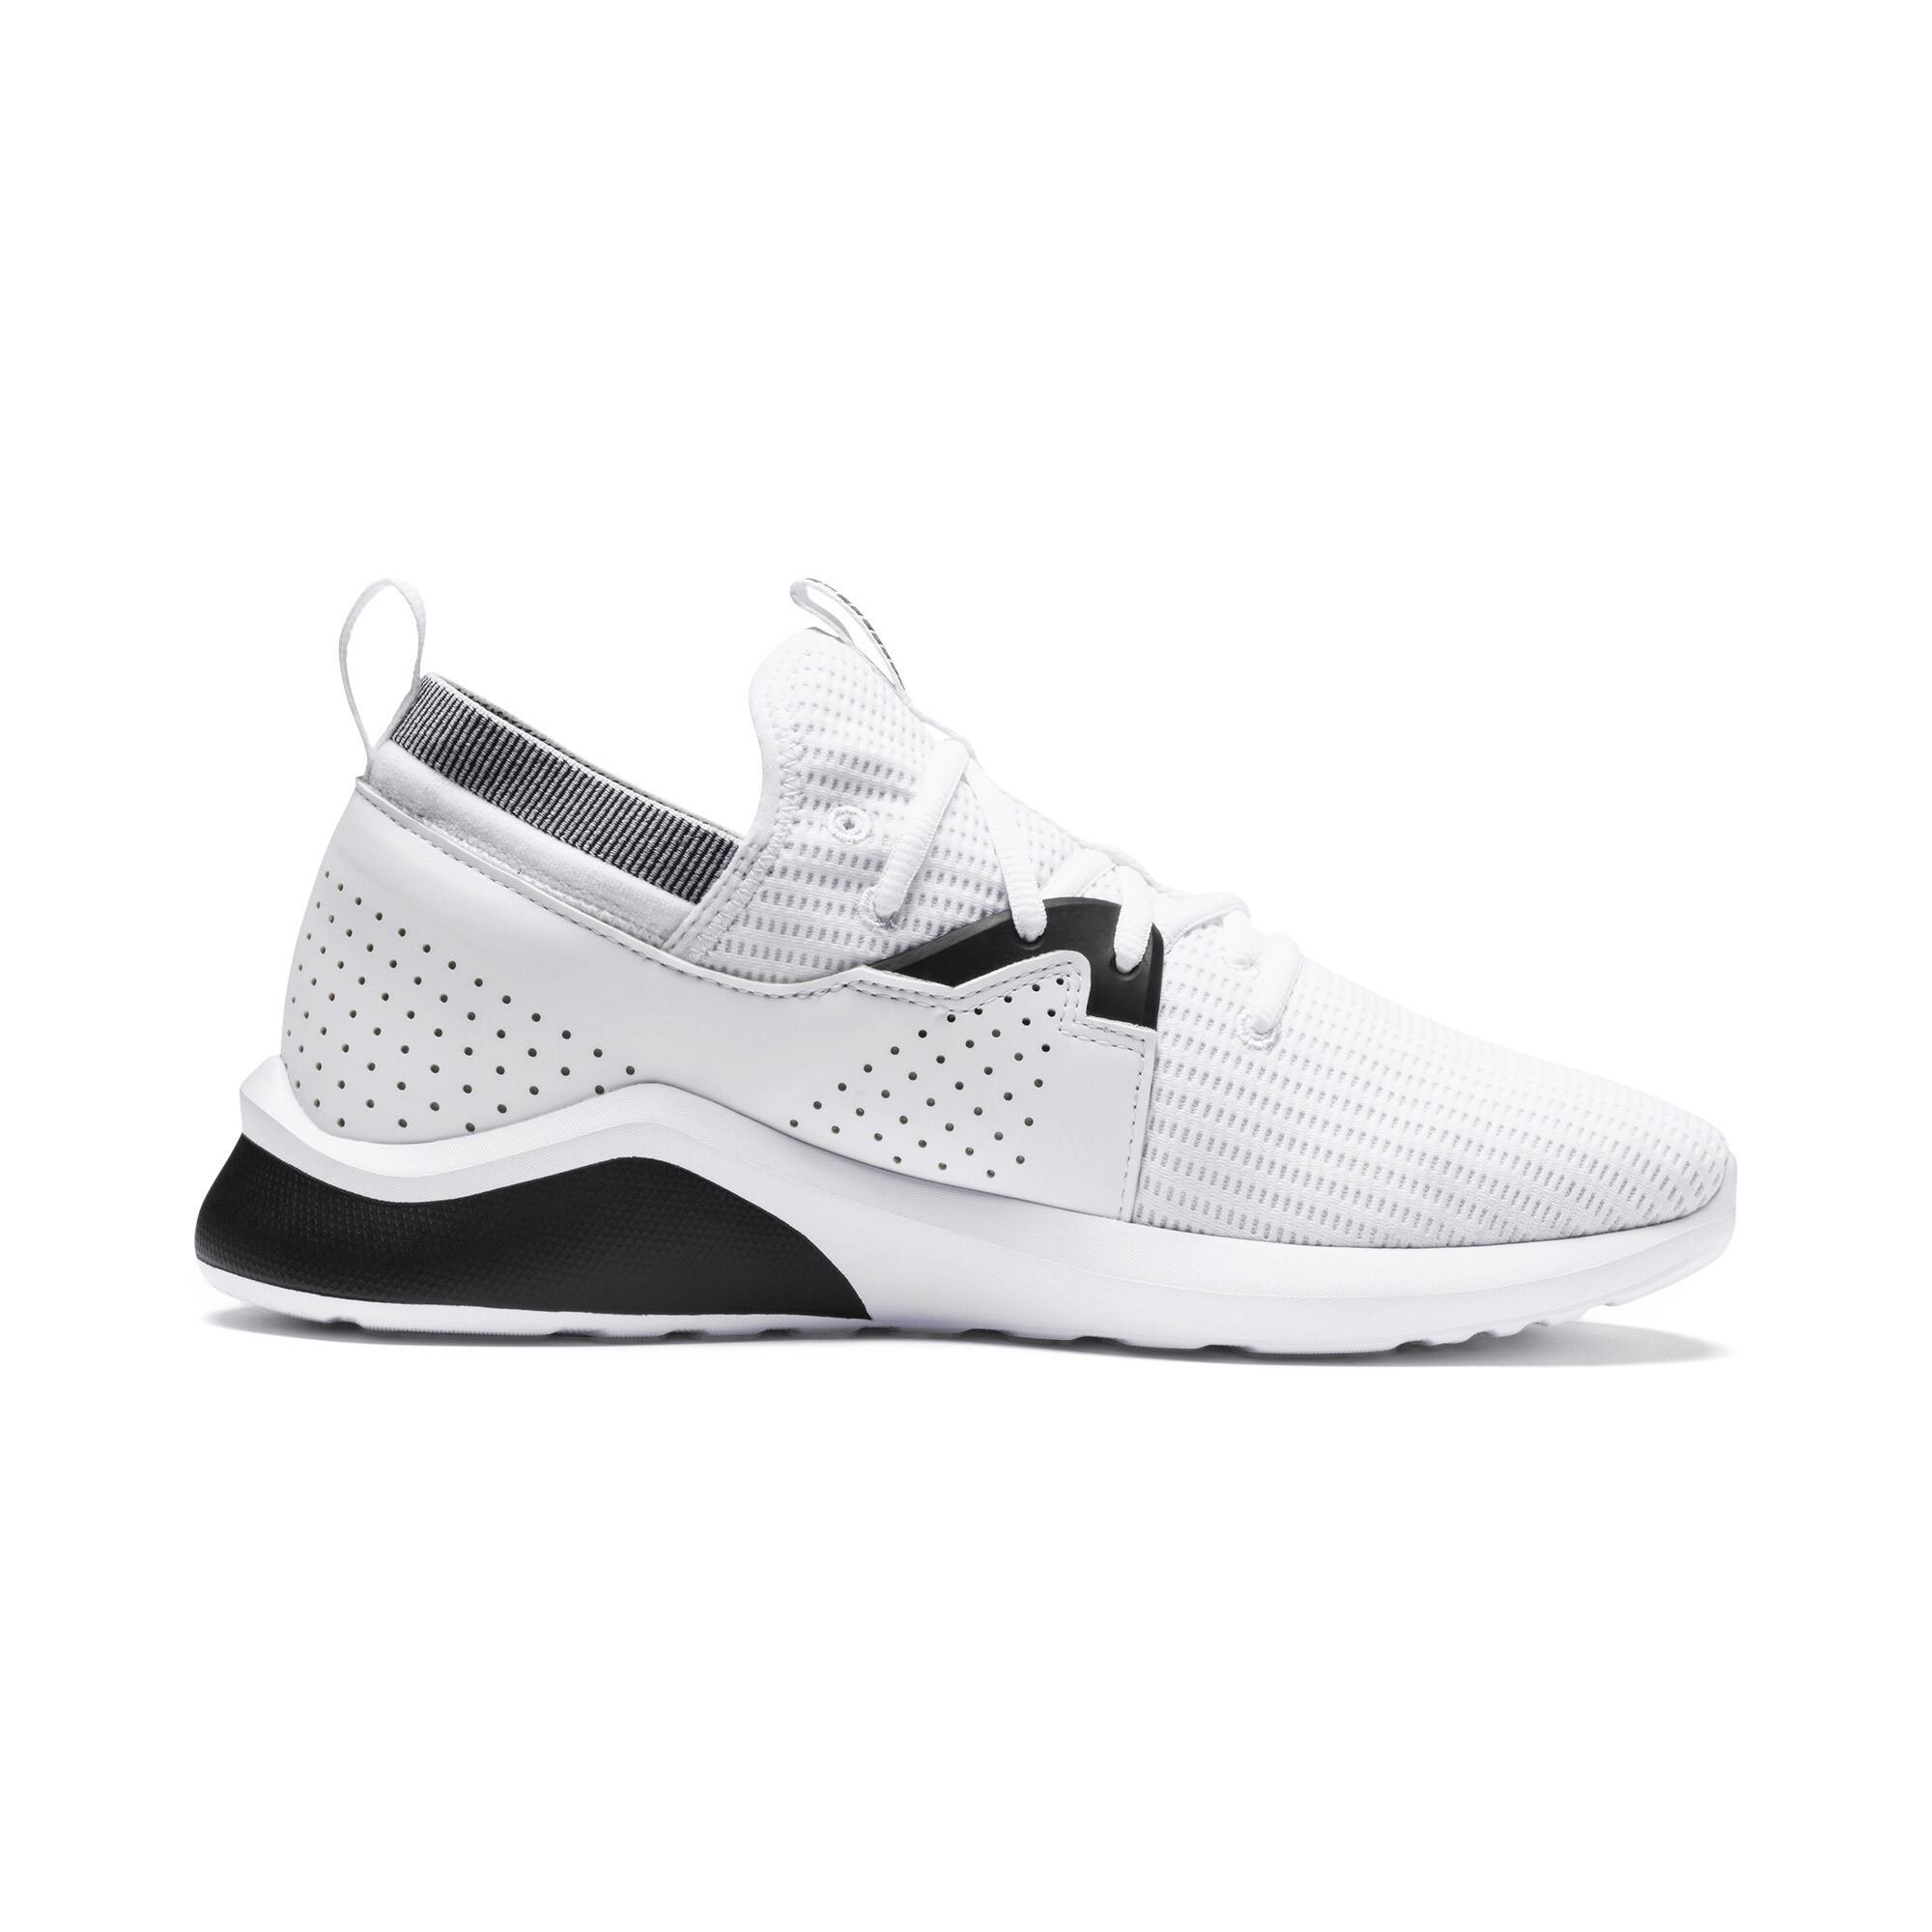 PUMA-Men-039-s-Emergence-Future-Training-Shoes thumbnail 14